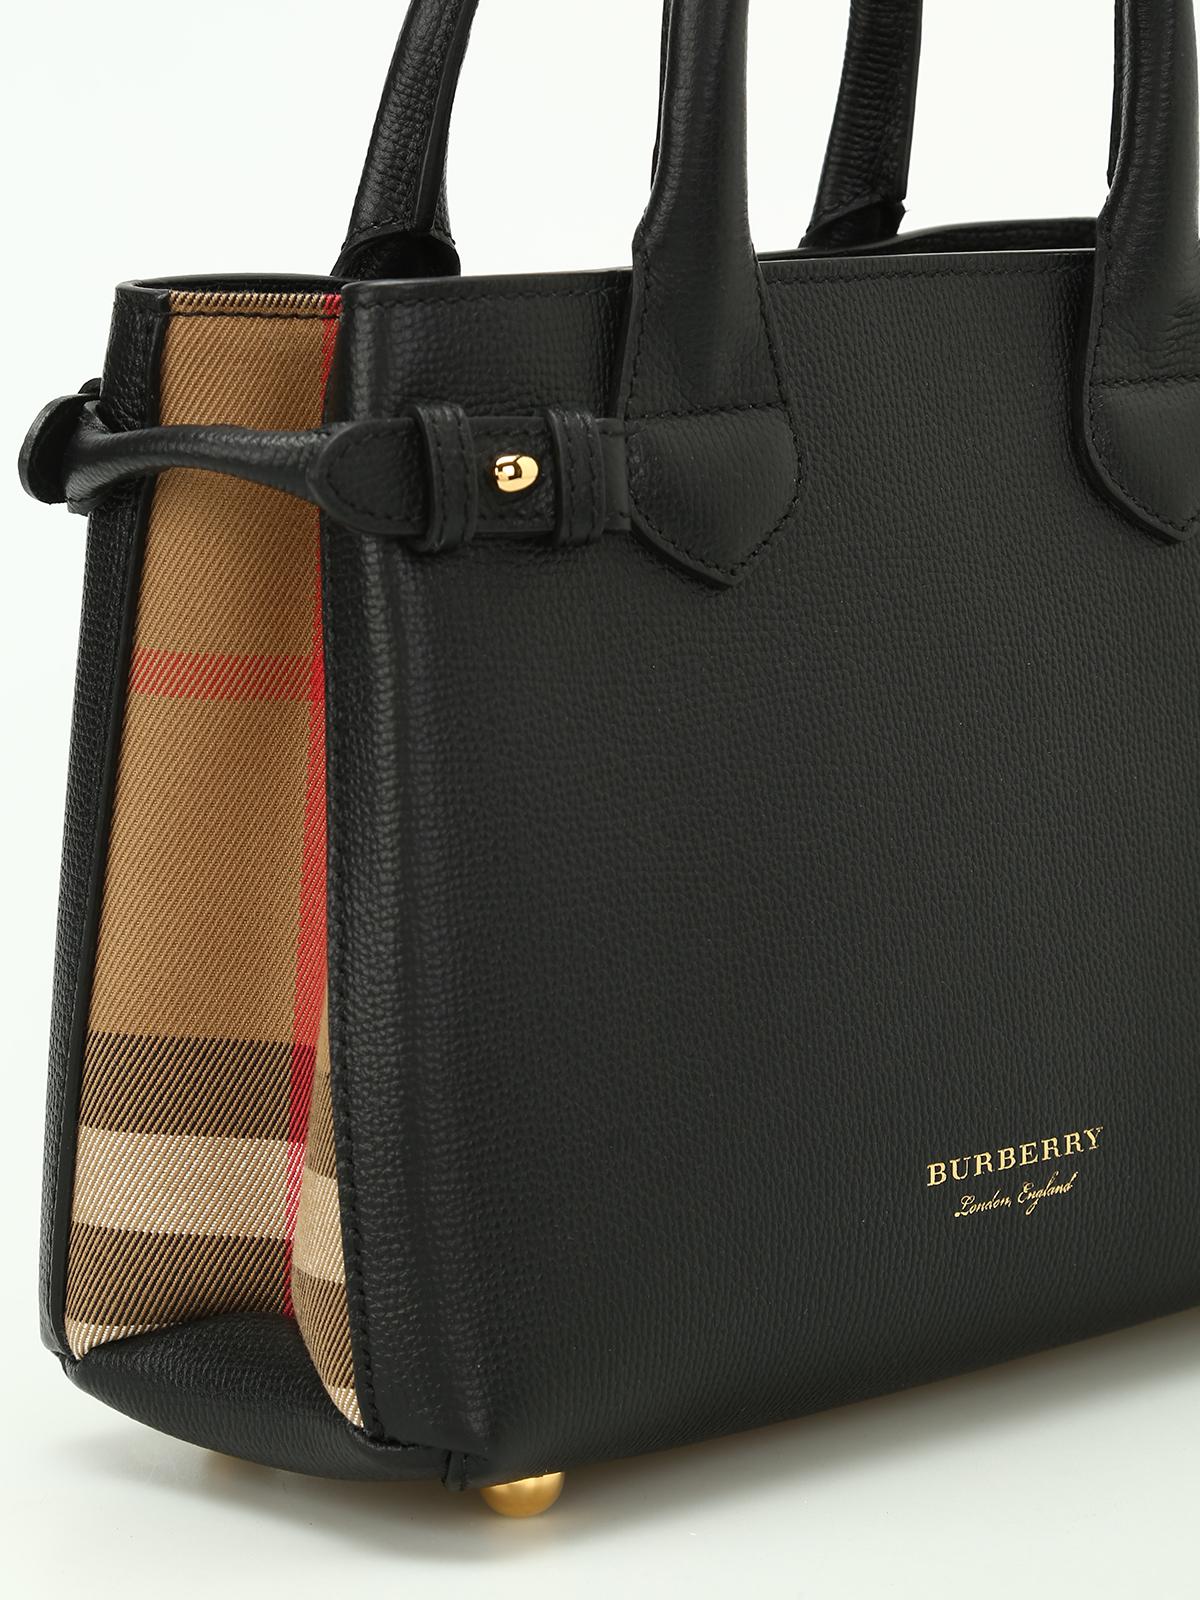 Burberry Handtasche The Banner Schwarz Handtaschen